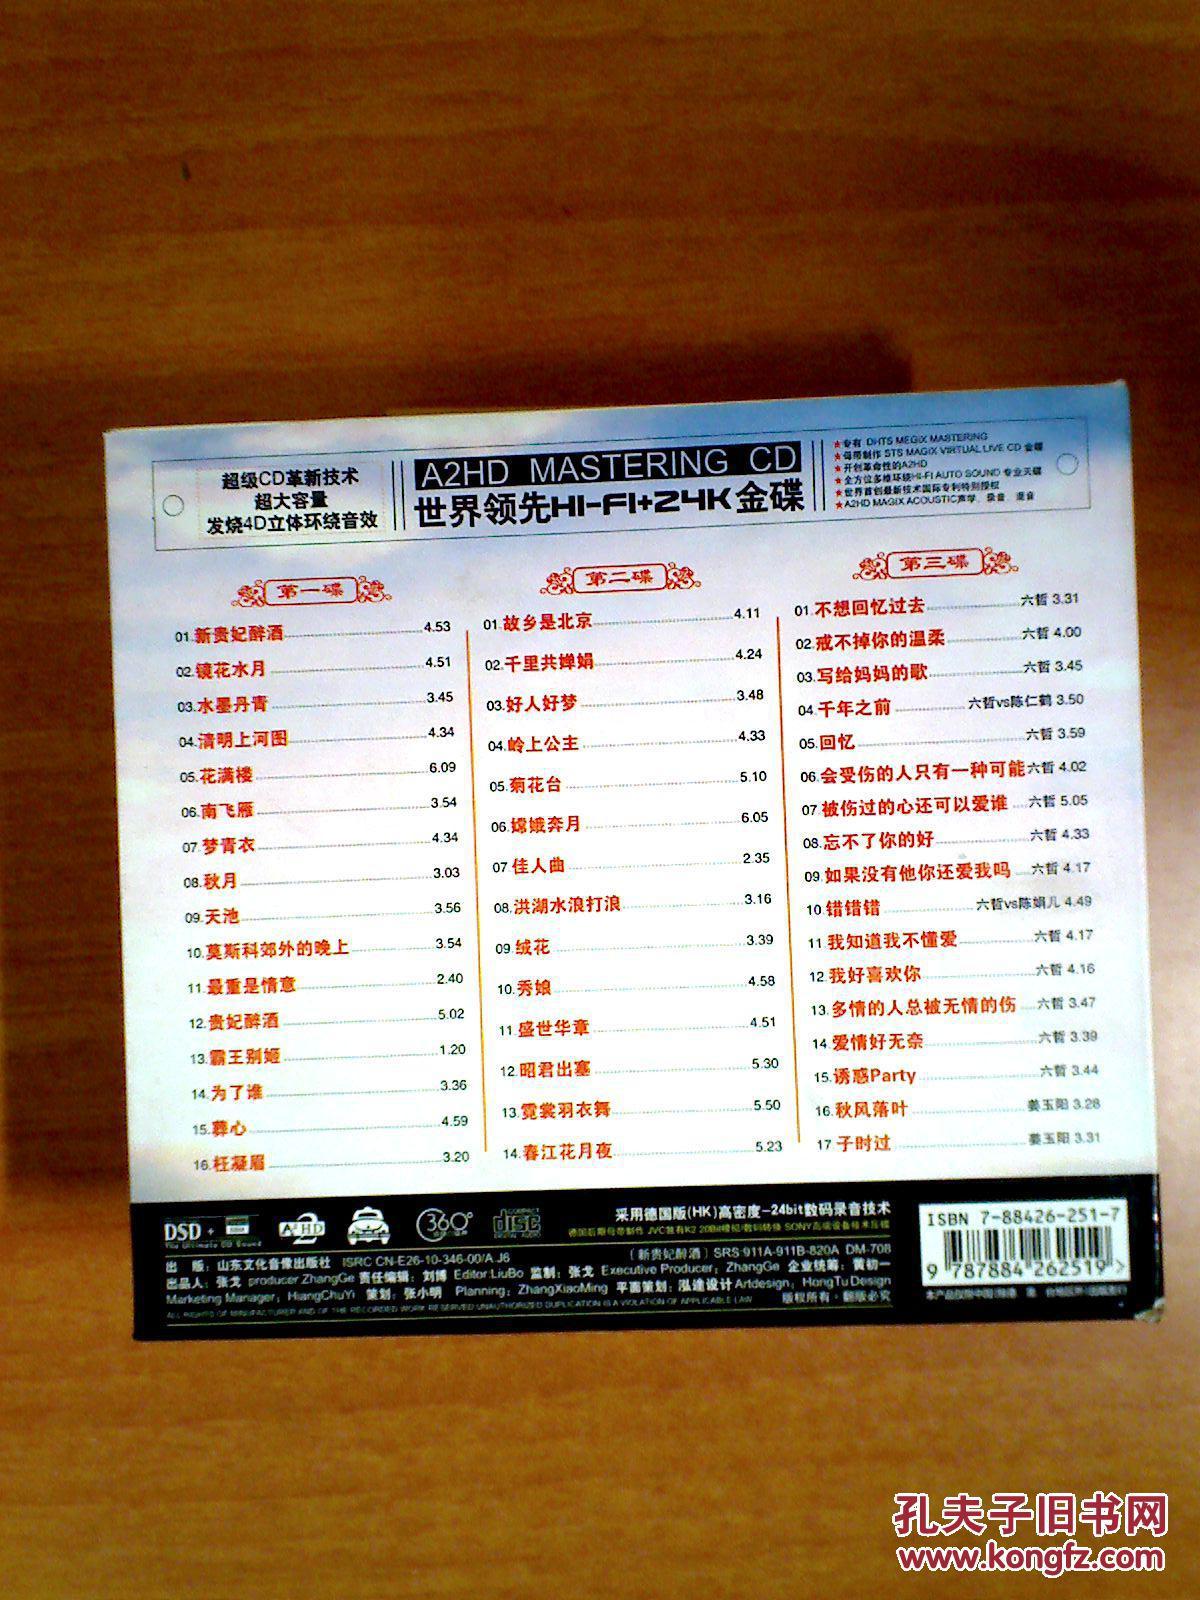 李玉刚——新贵妃醉酒cd 3碟图片